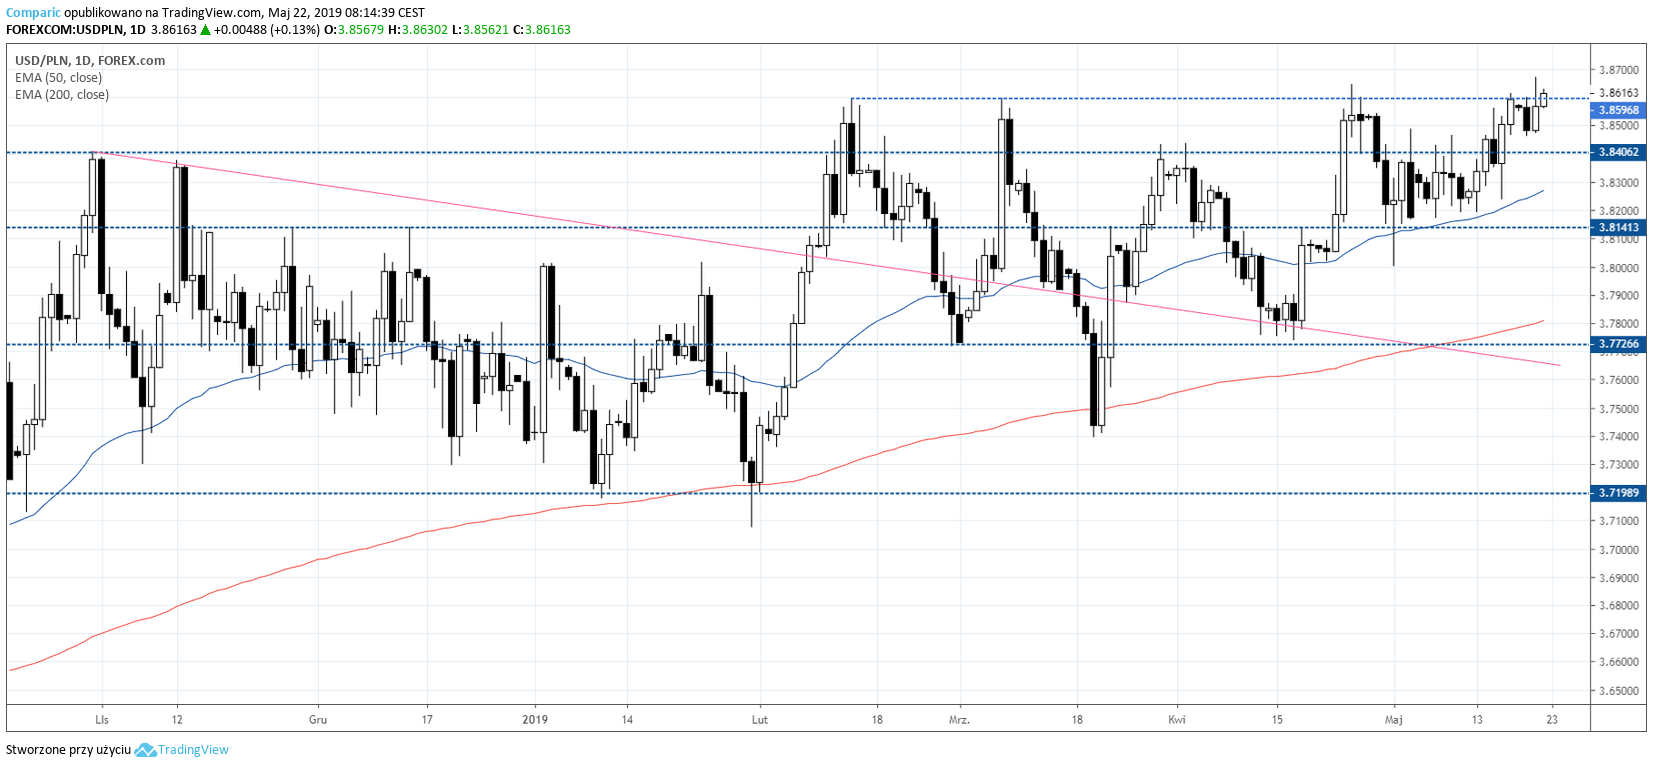 Kurs dolara do złotego na wykresie dziennym